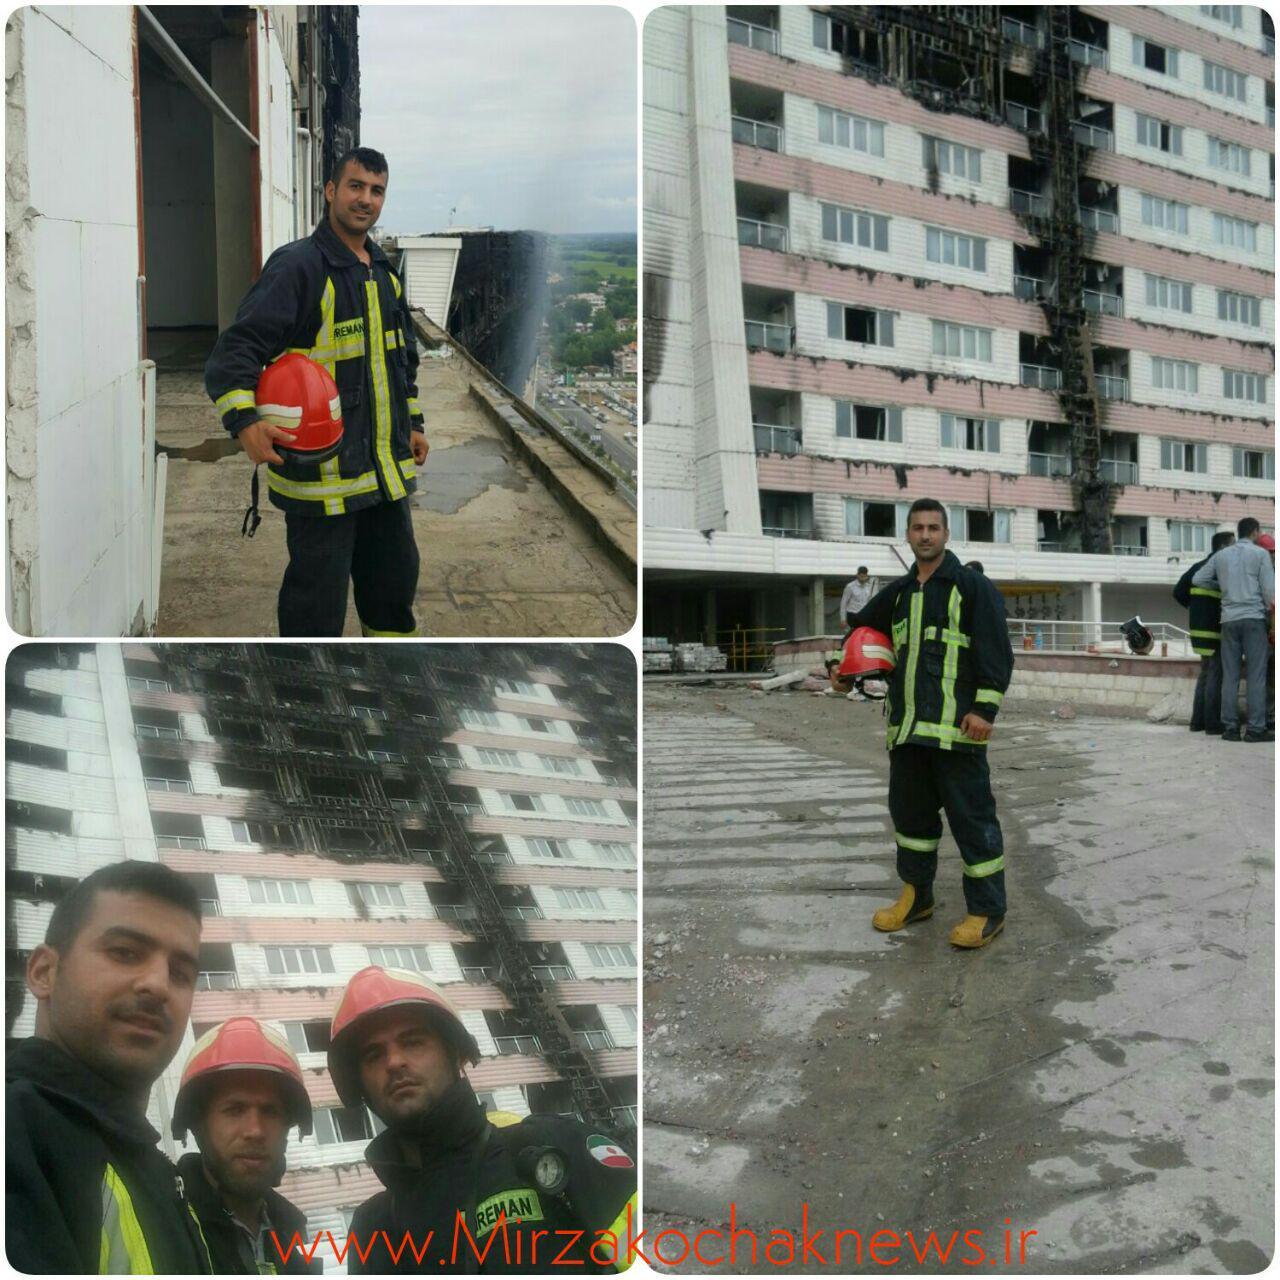 تیم اعزامی آتش نشانان از صومعه سرا